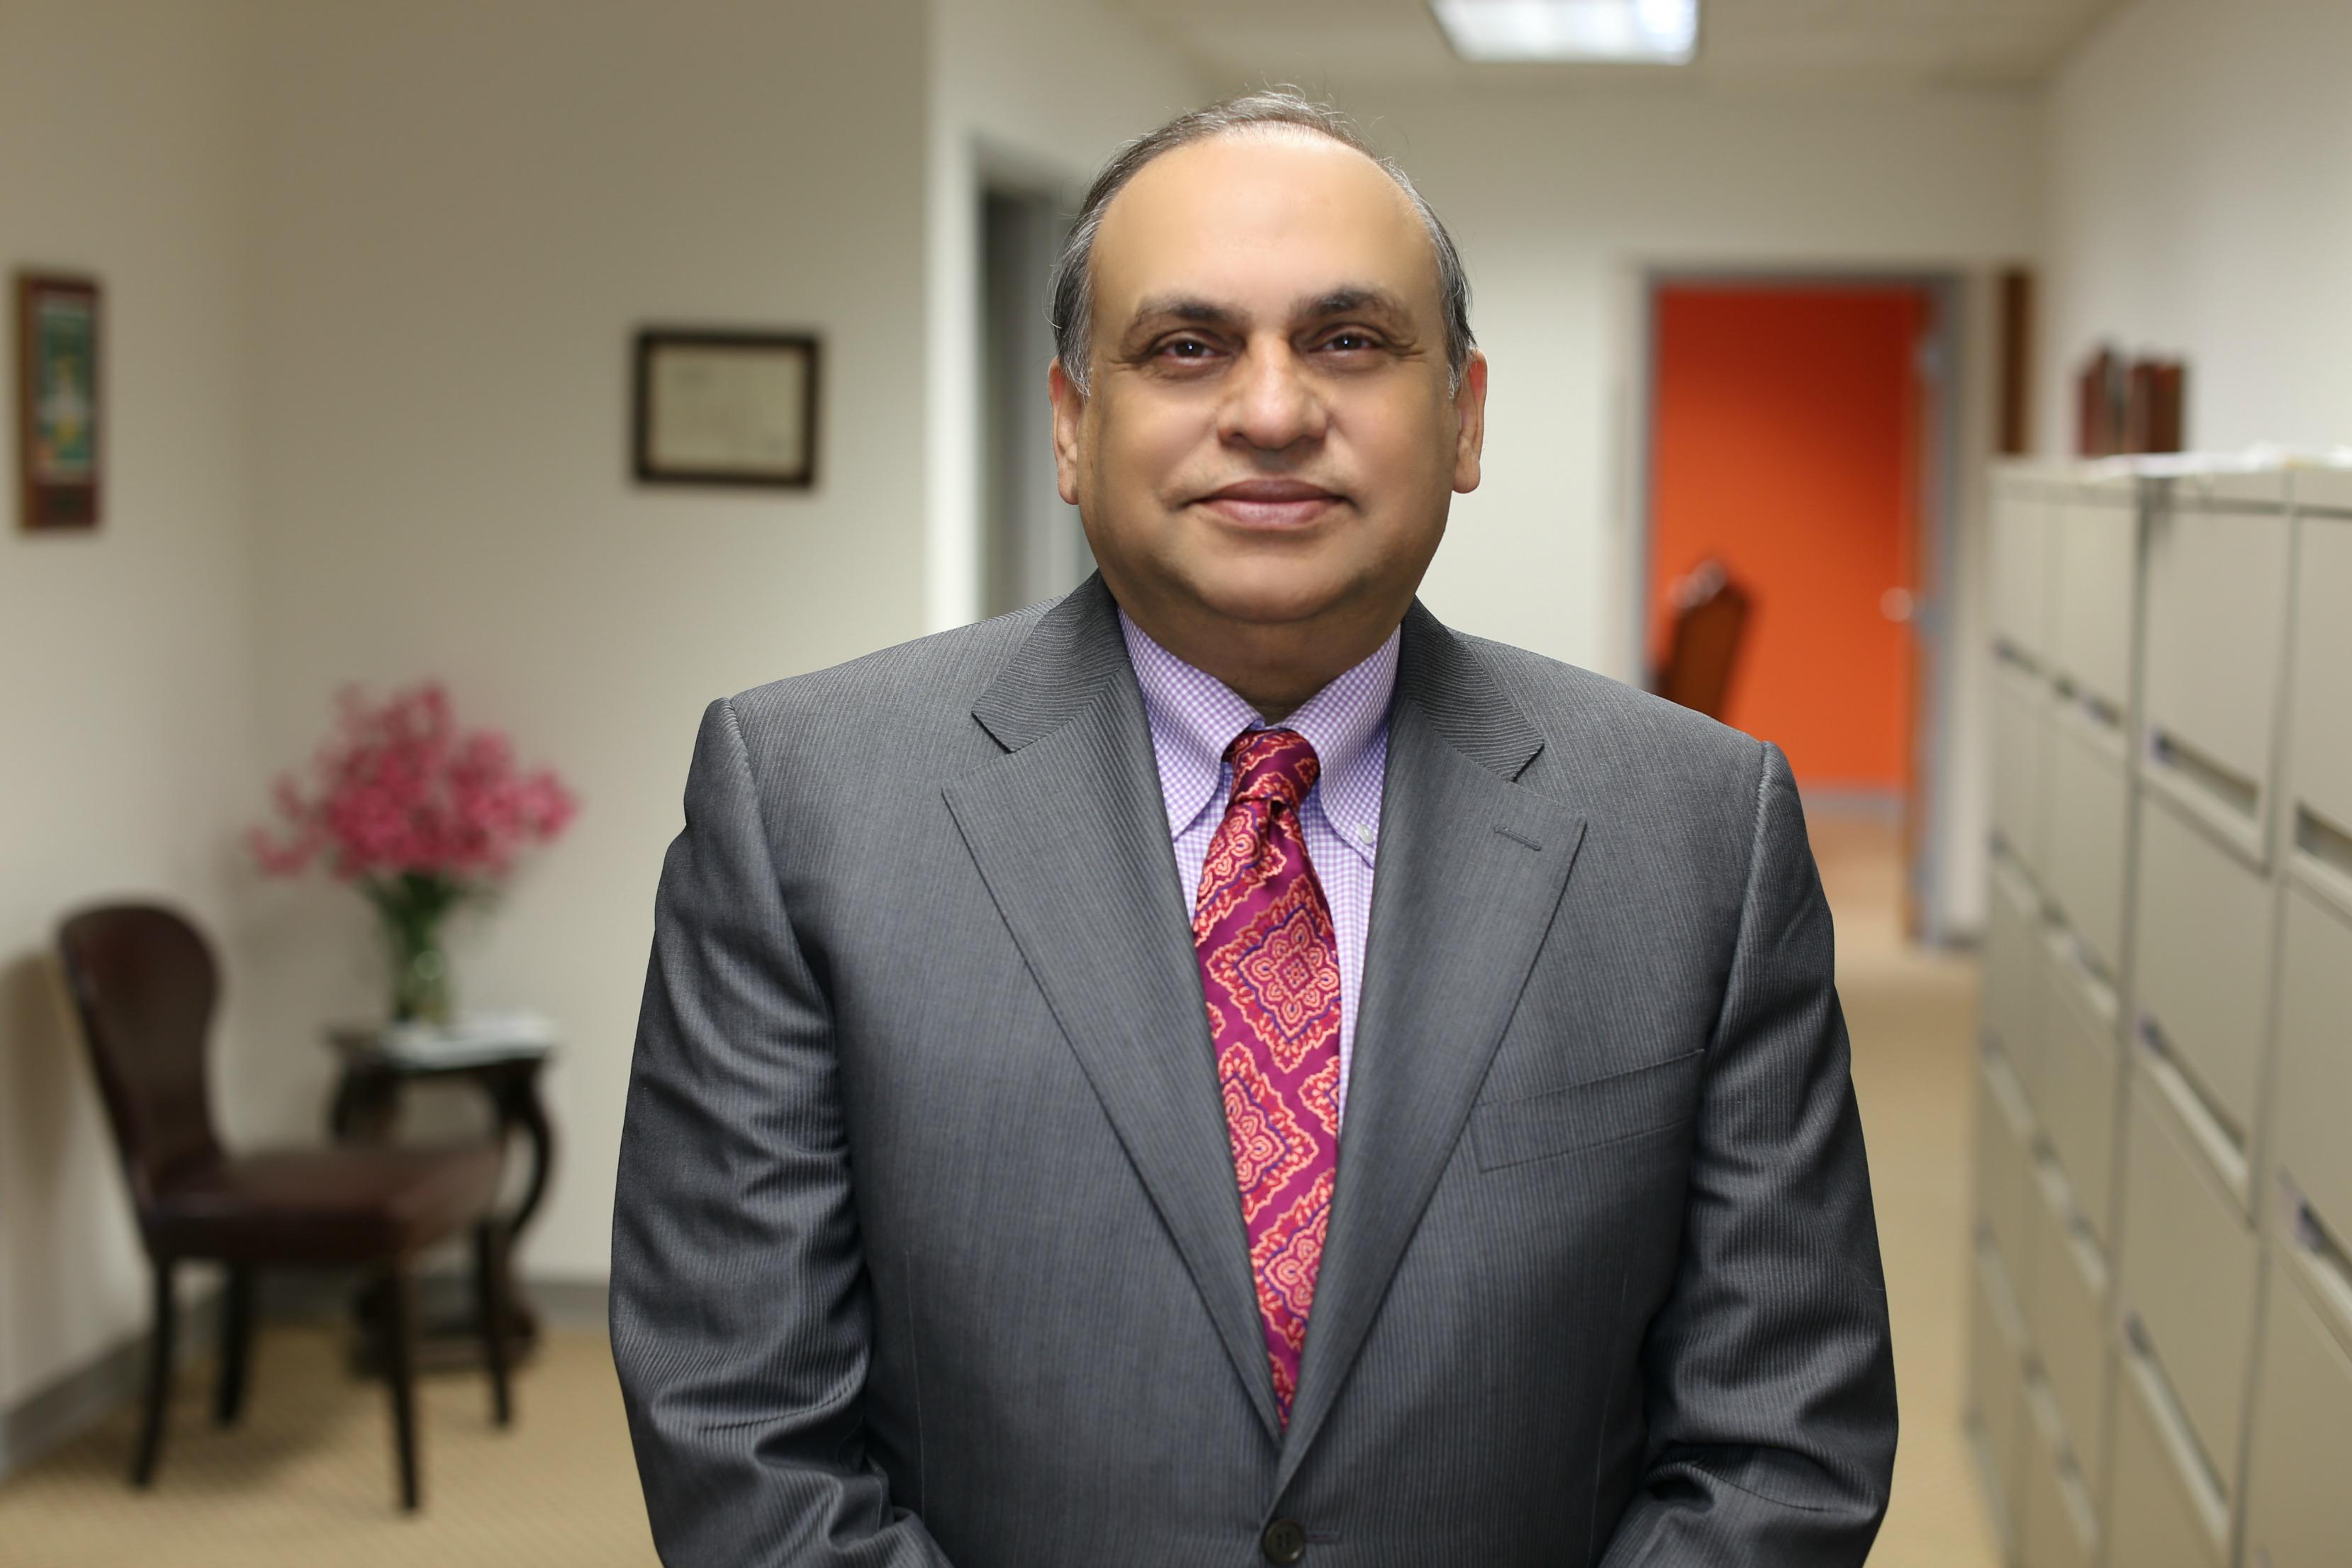 Dr. Sohail Masood